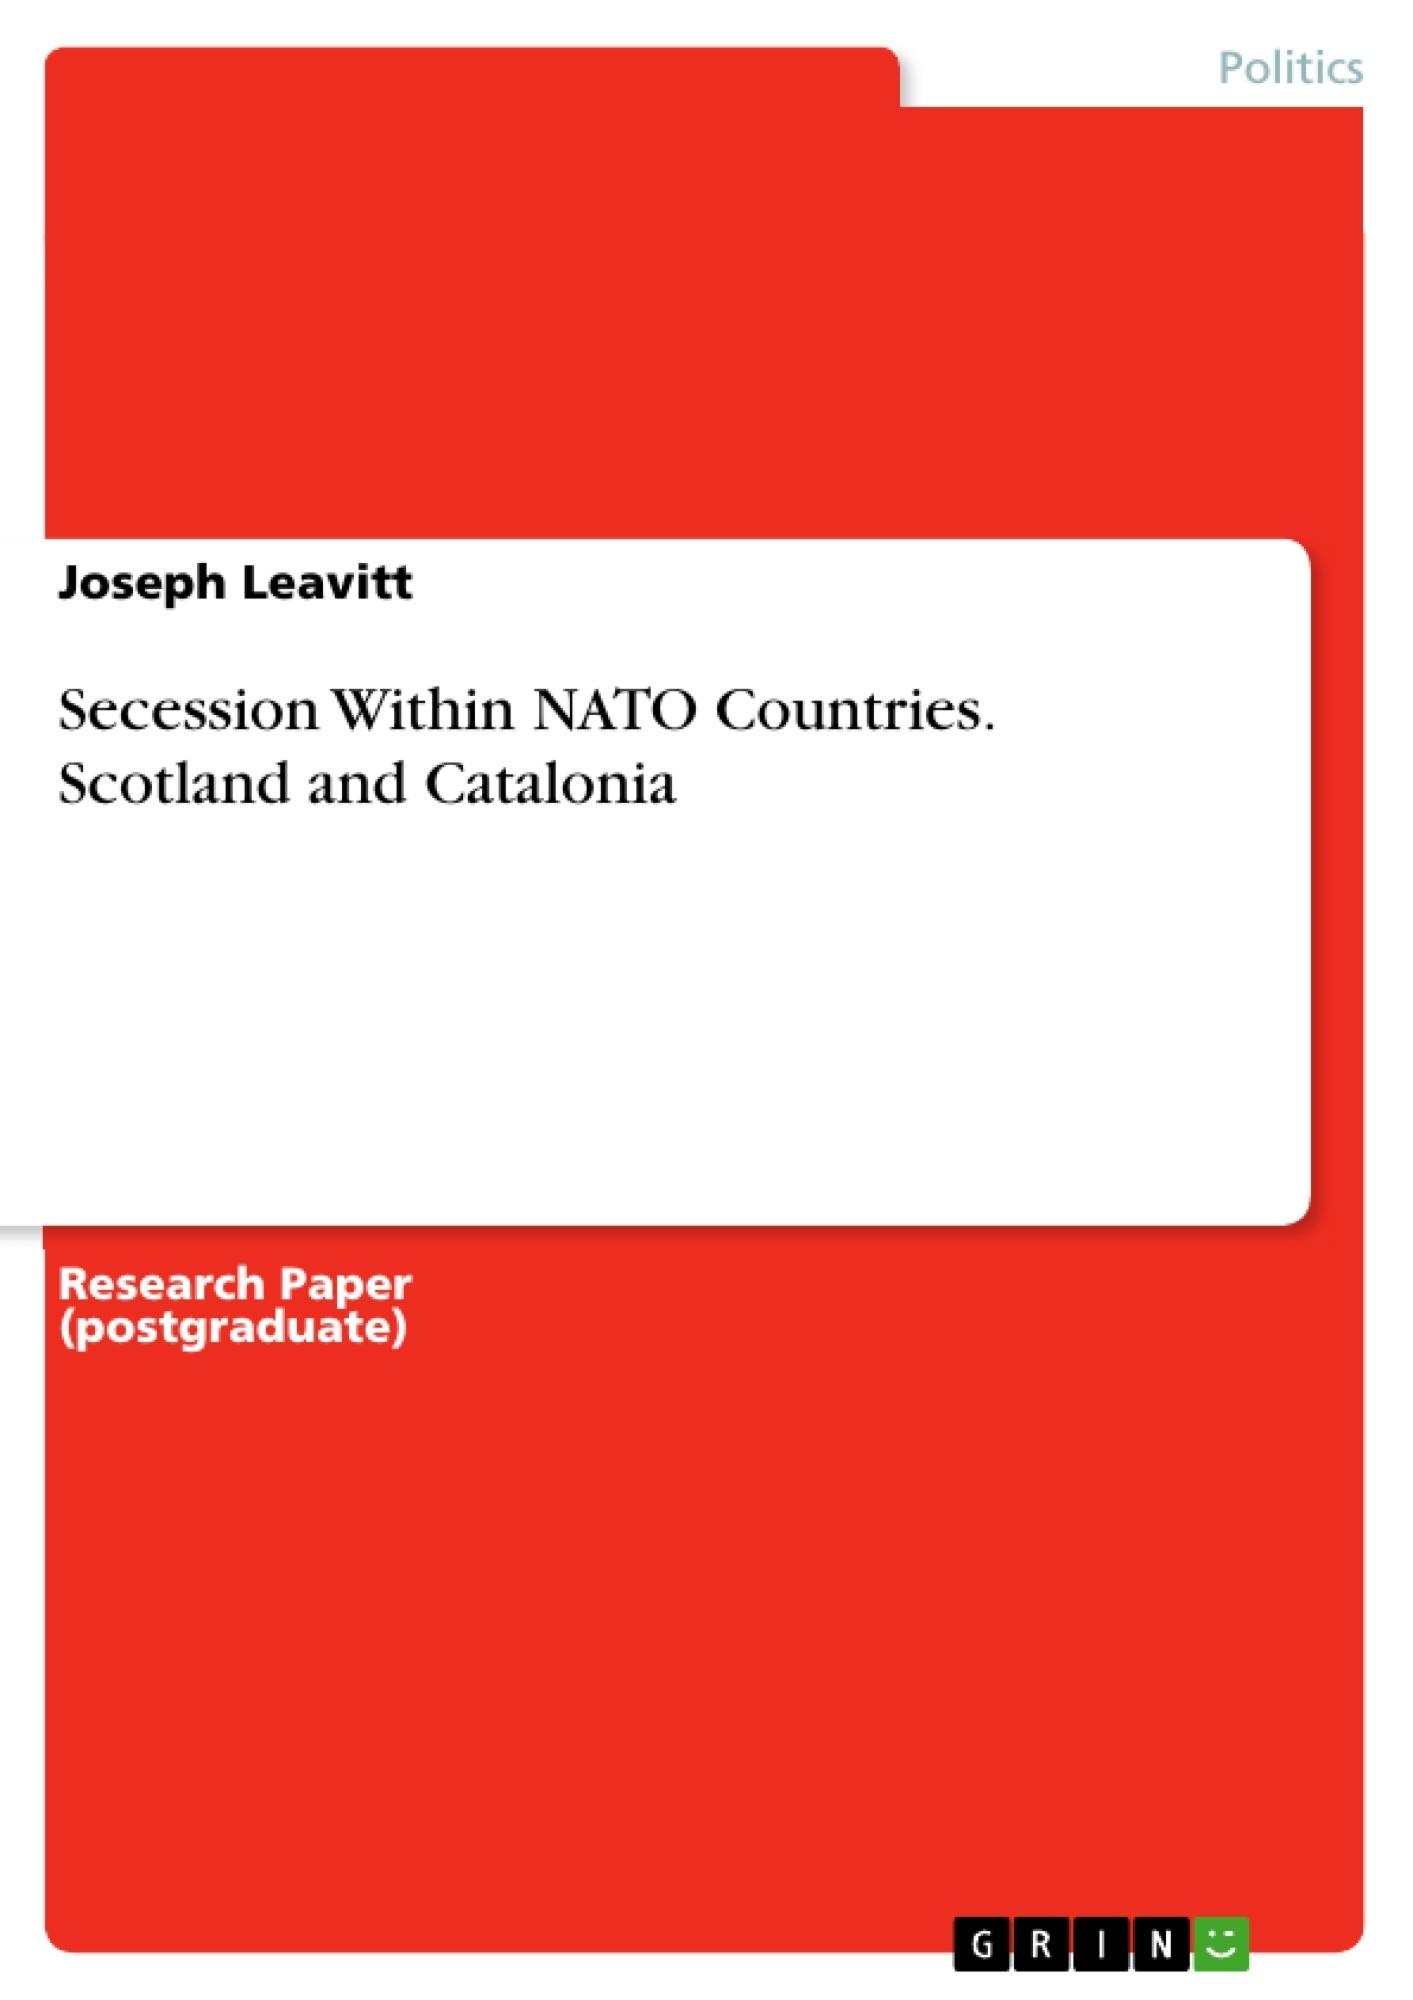 Title: Secession Within NATO Countries. Scotland and Catalonia